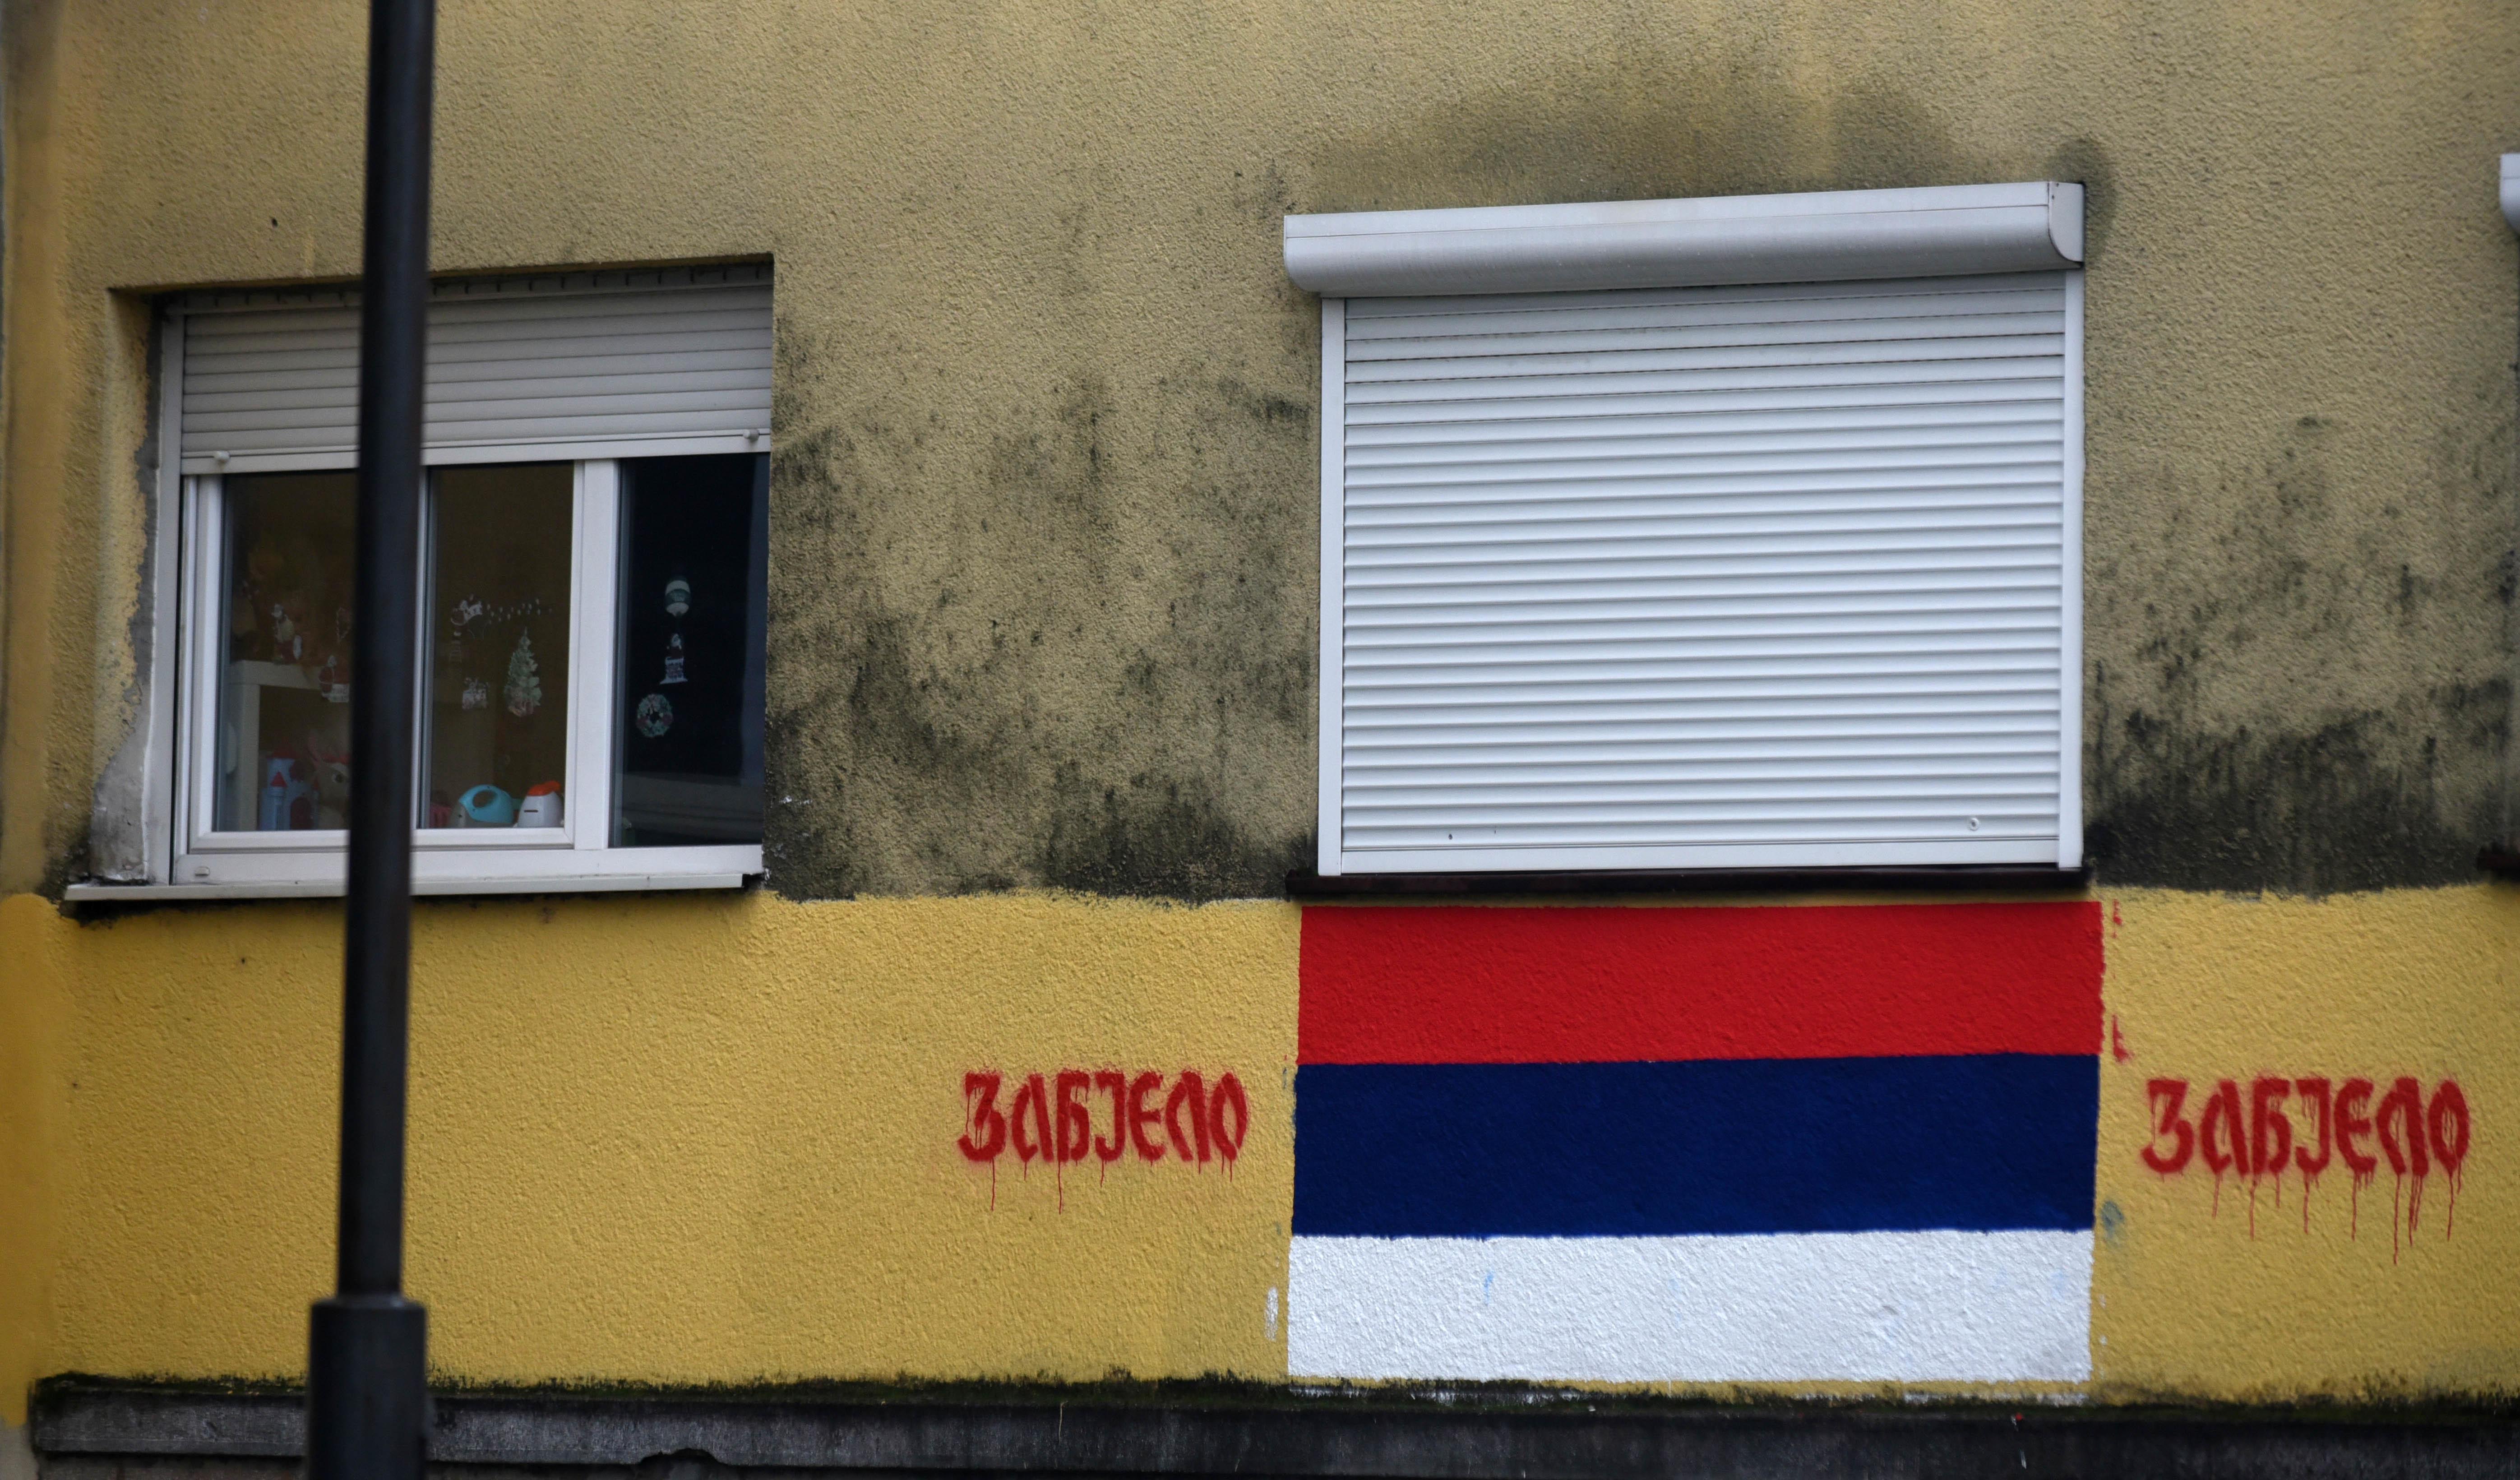 Jedan od grafita u glavnom gradu (foto: Boris Pejović)